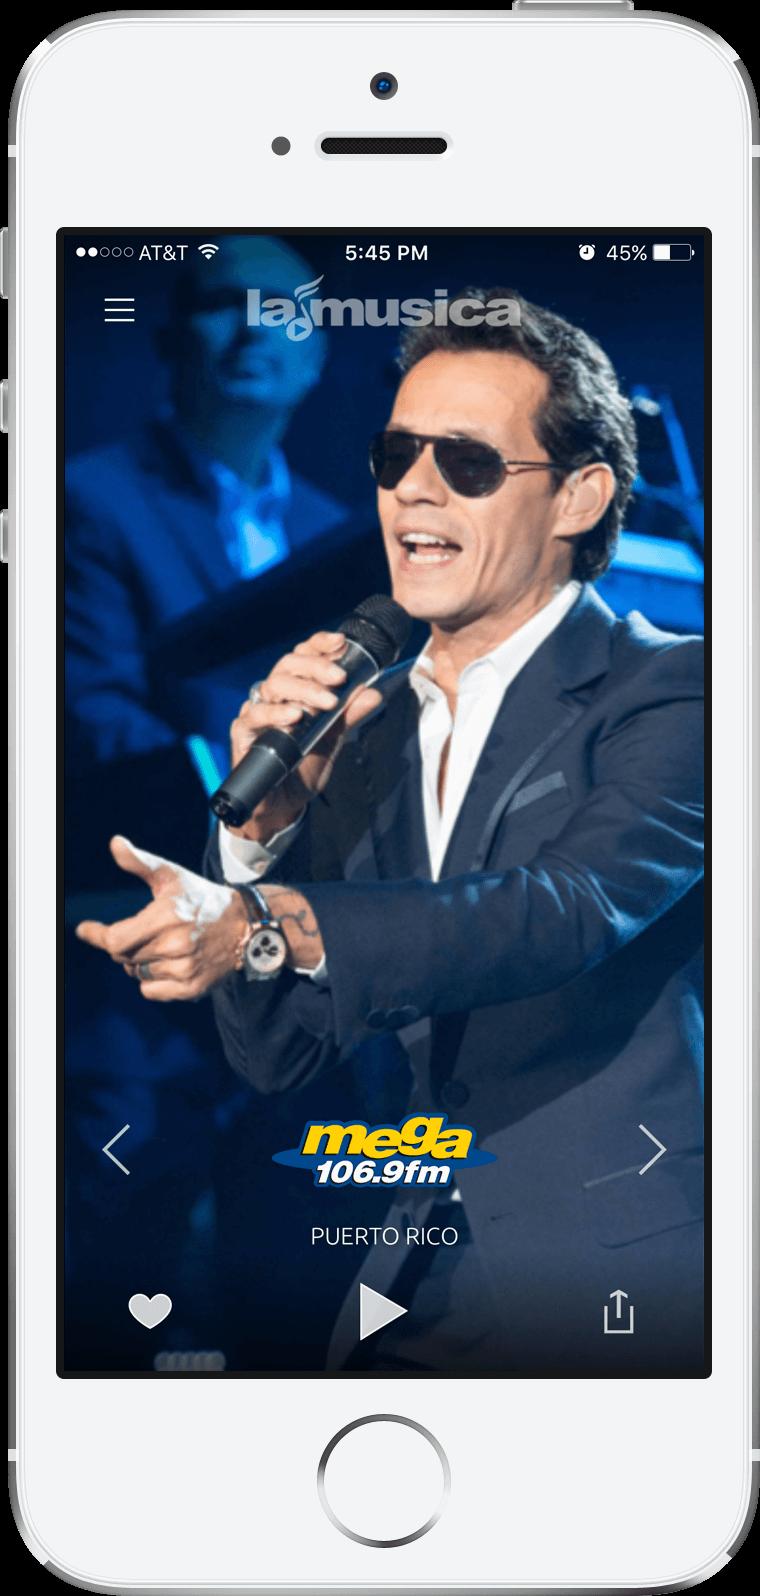 app download de musica para android